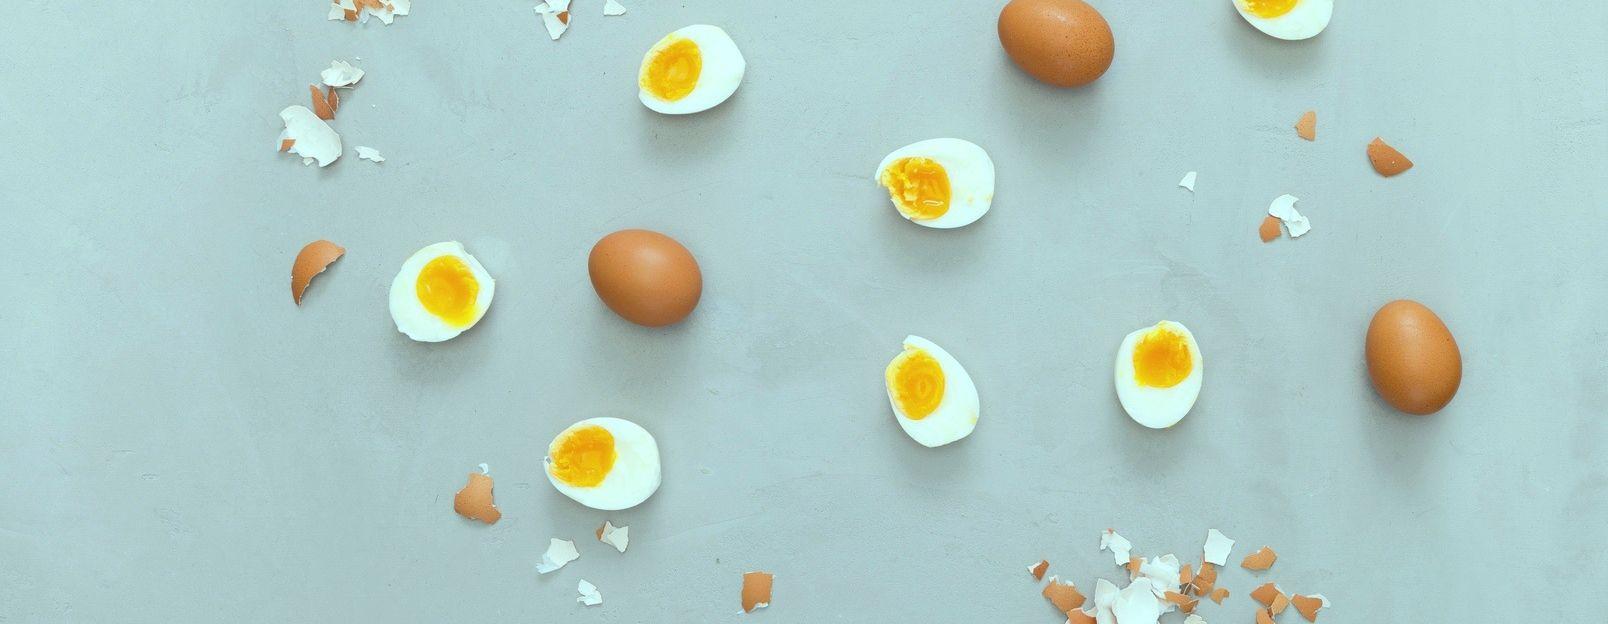 12 alimentos ricos en colágeno que fortalecen tu salud - Featured image